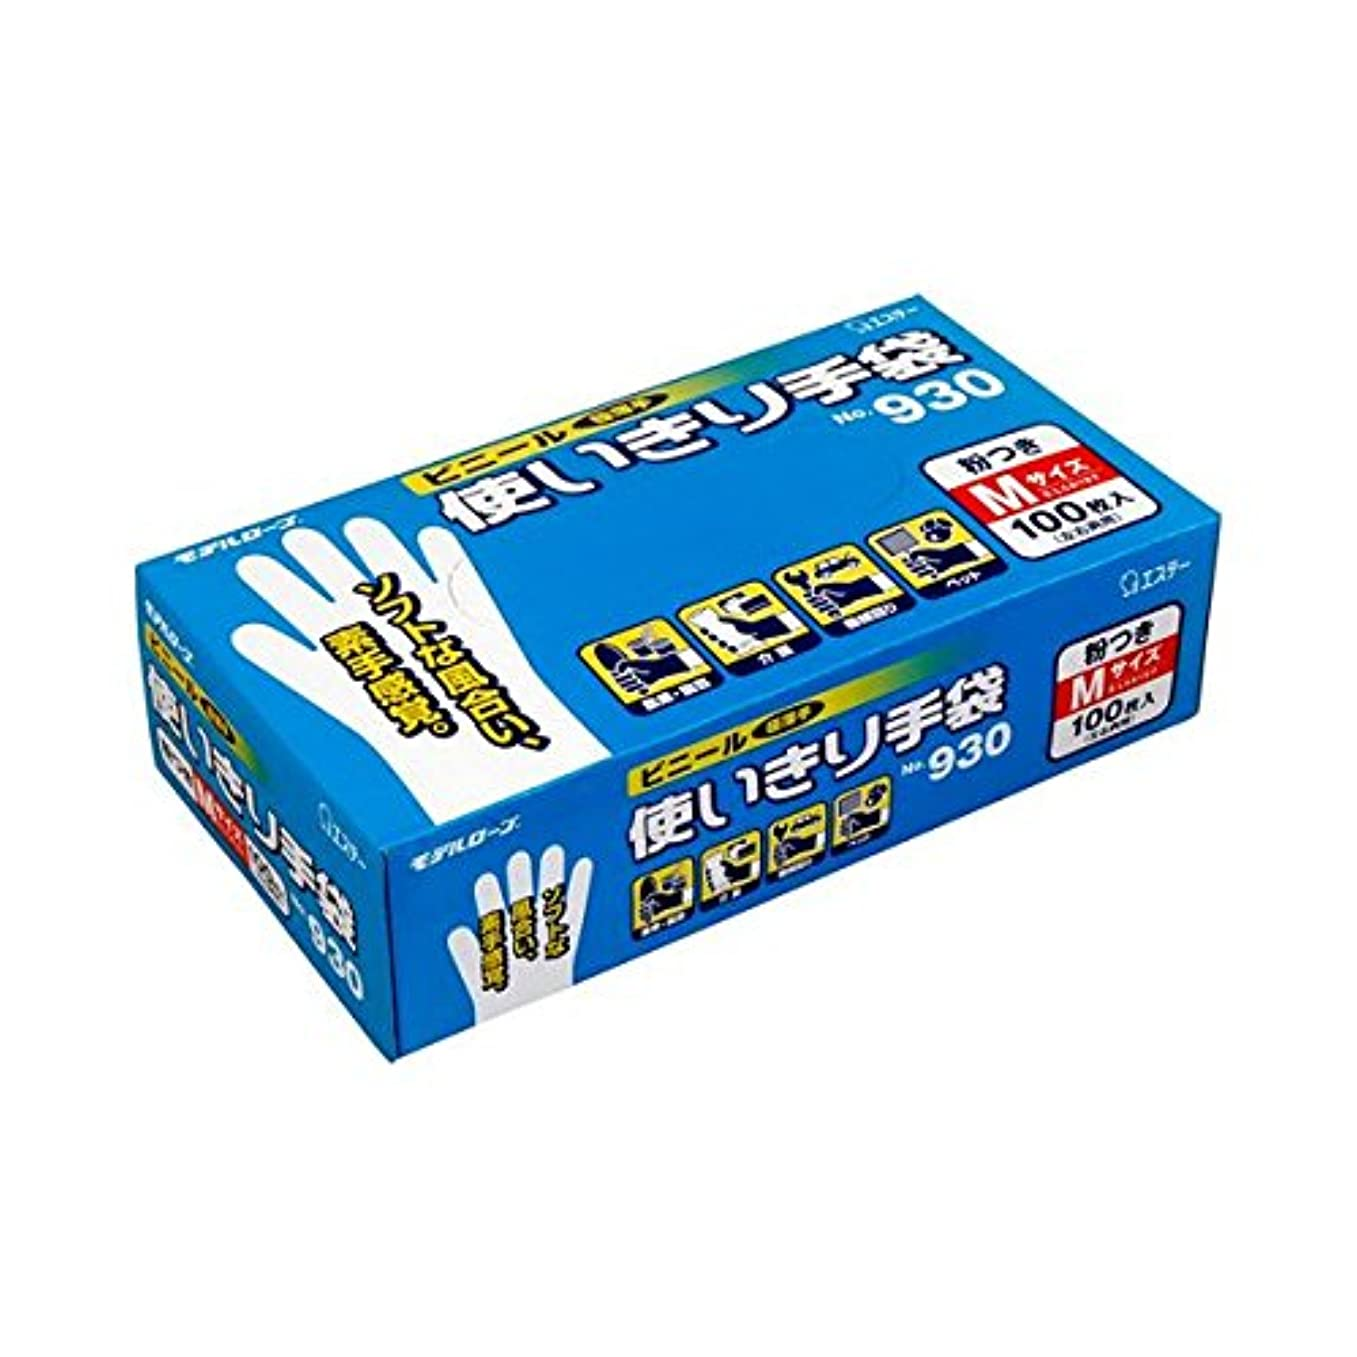 タイヤ無秩序累積(まとめ) エステー No.930 ビニール使いきり手袋(粉付) M 1箱(100枚) 【×5セット】 ds-1580597